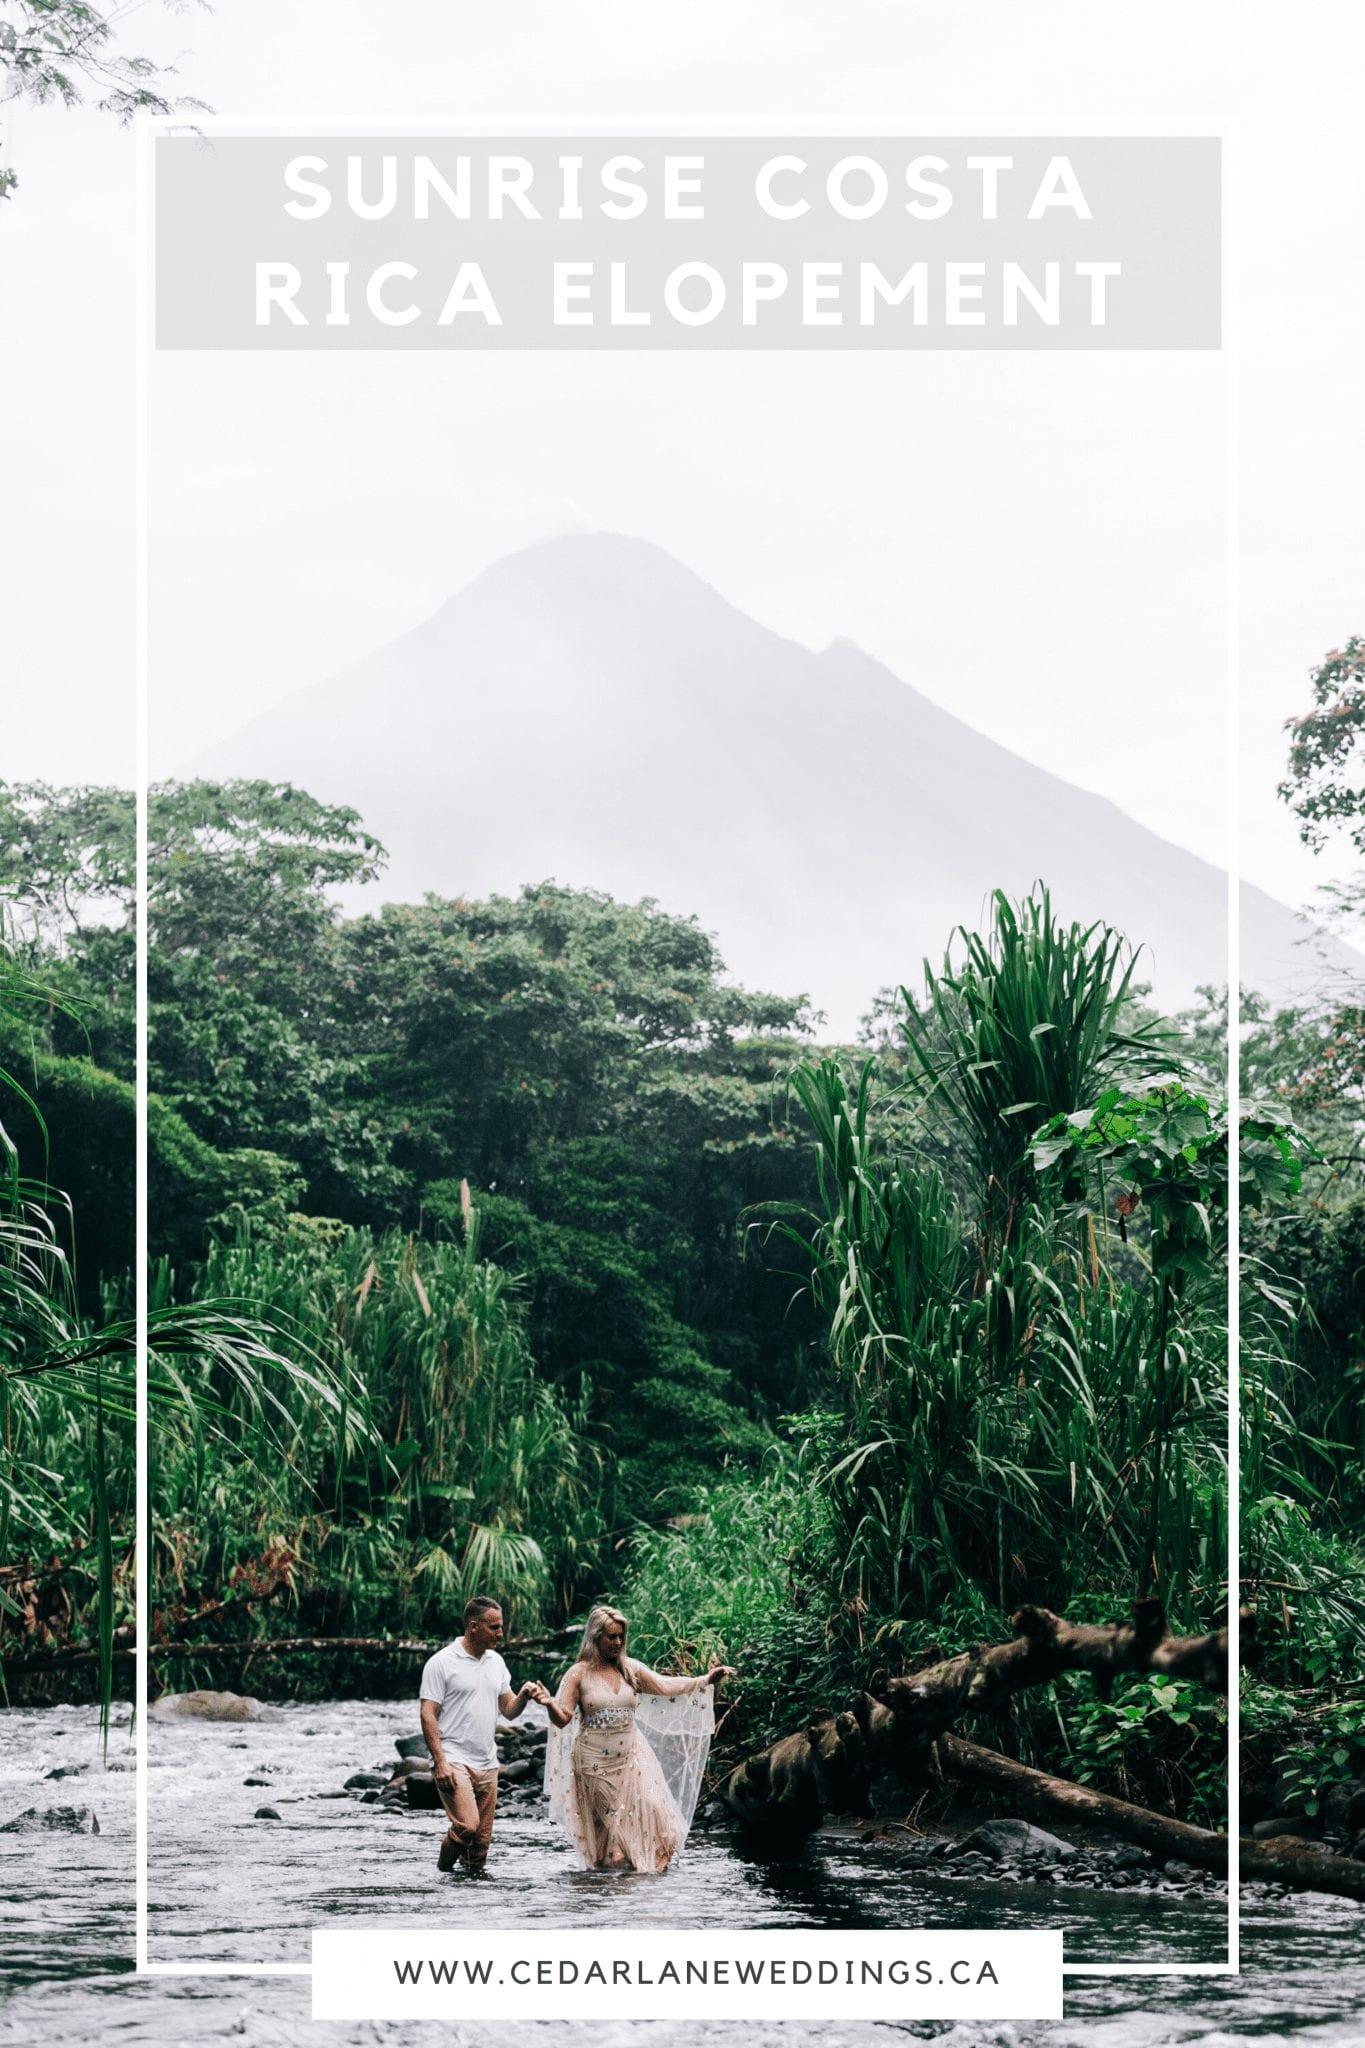 Sunrise Costa Rica Elopement Adventure